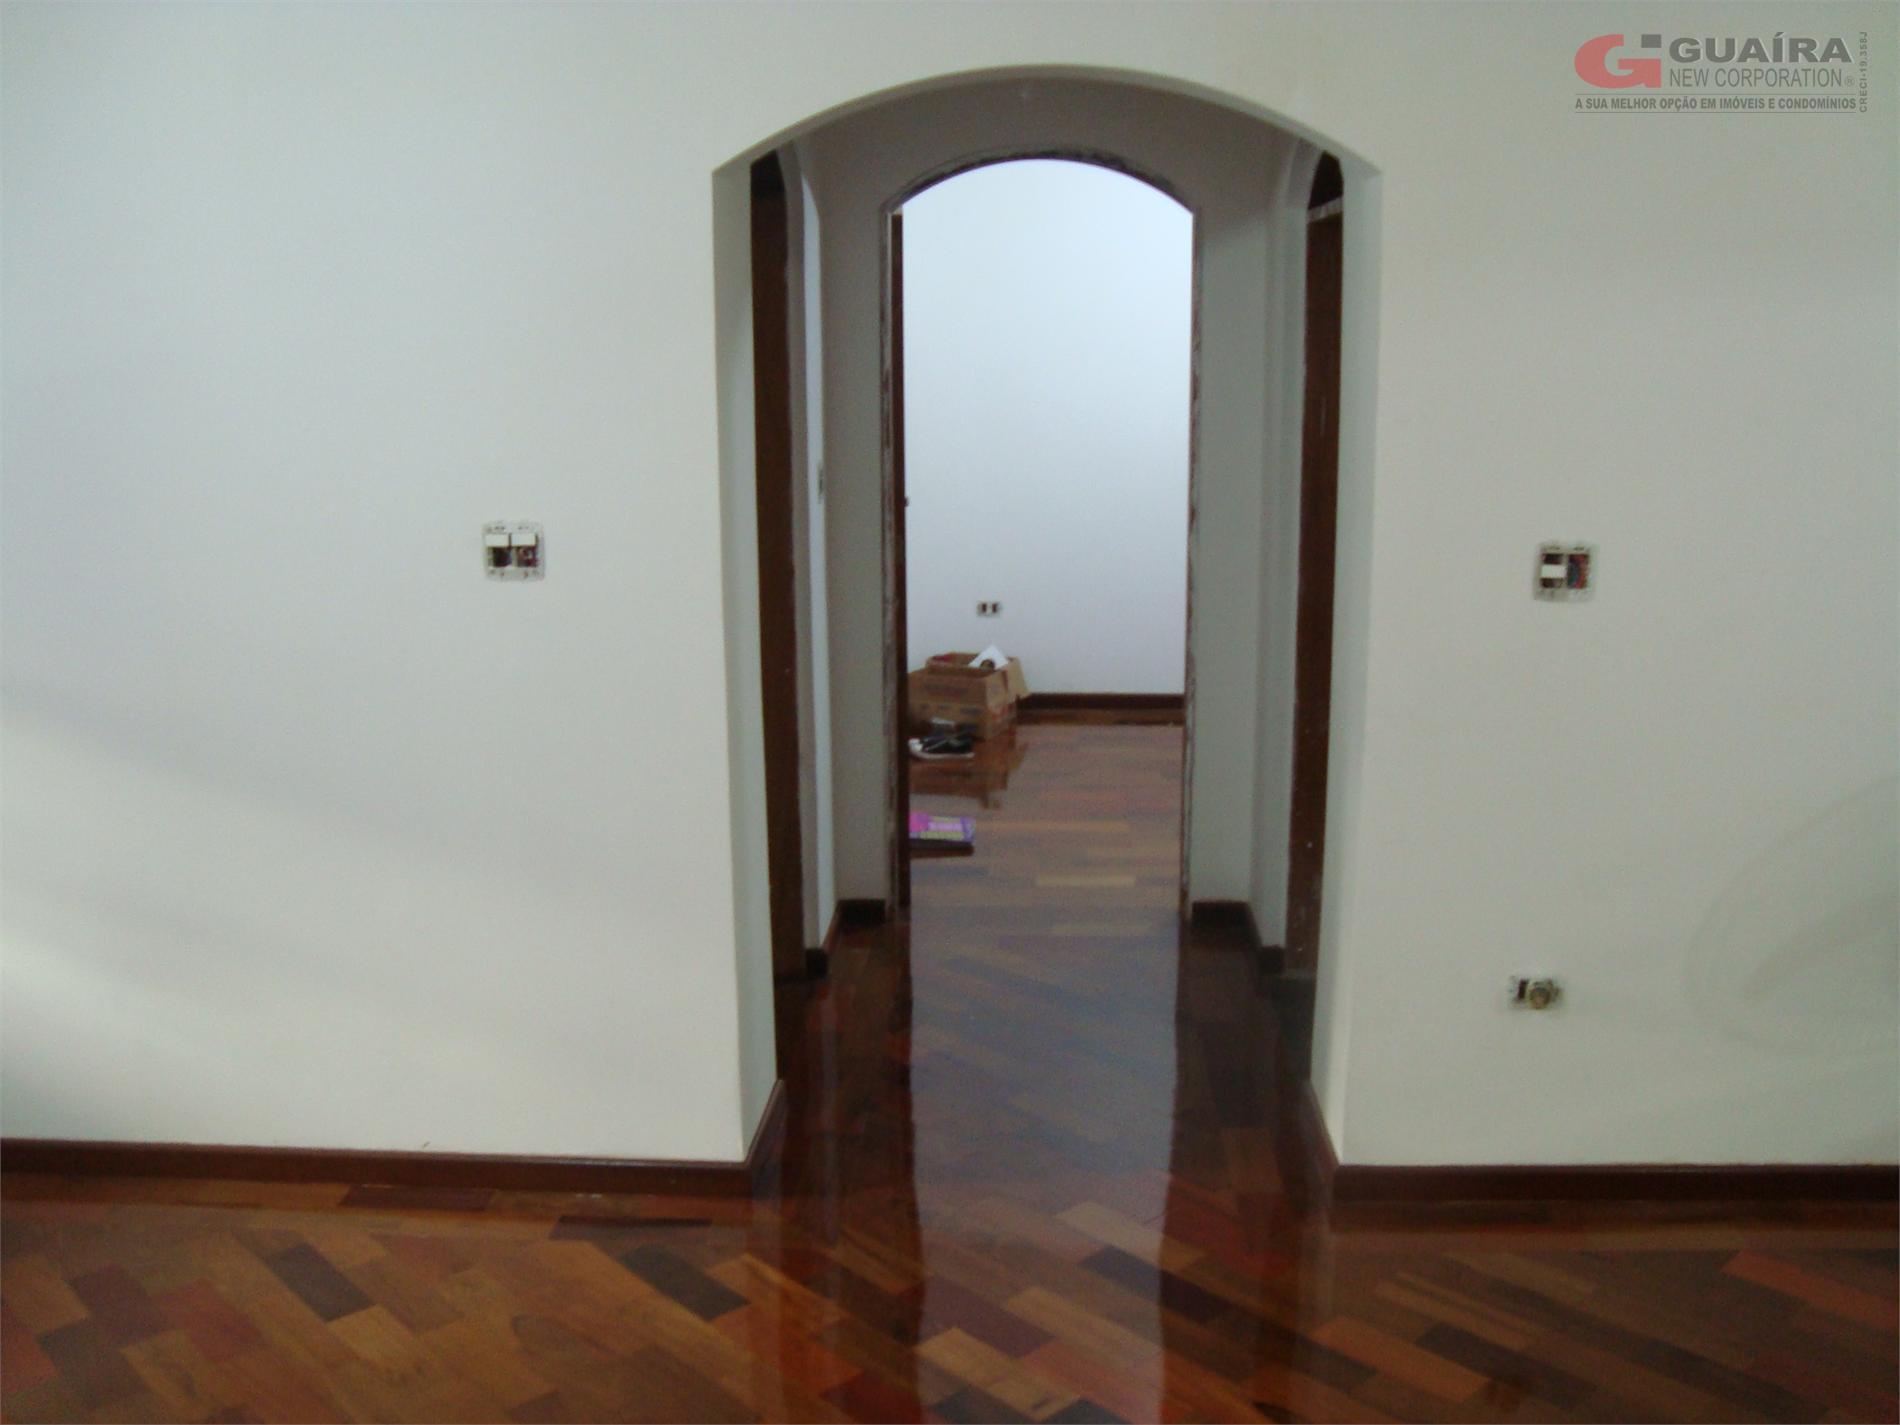 Sobrado de 4 dormitórios à venda em Vila Luzita, Santo André - SP